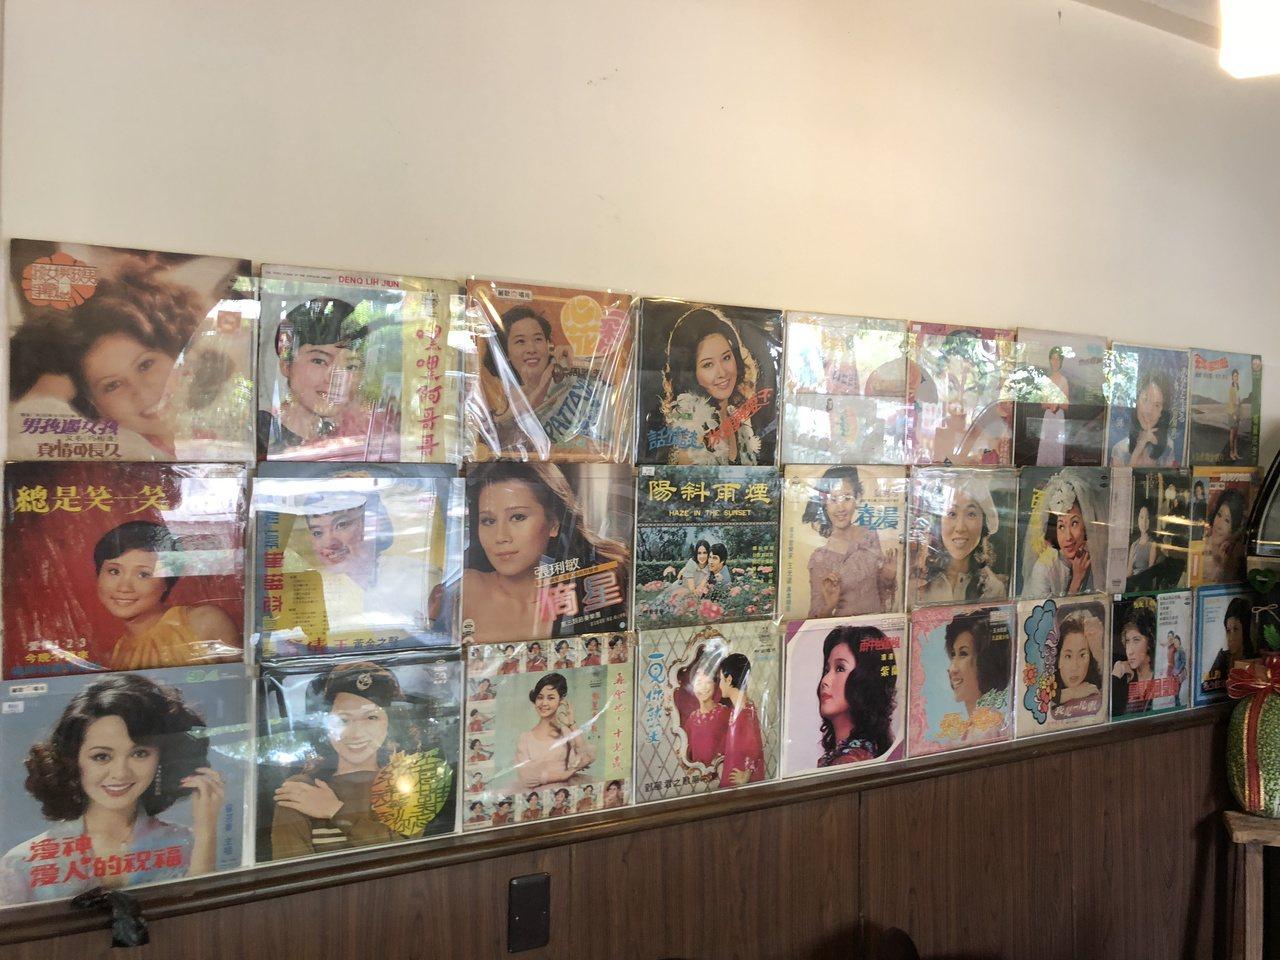 中興新村的「1963時光機」咖啡館,牆壁用珍貴的黑膠唱片做裝飾,相當有特色。記者...